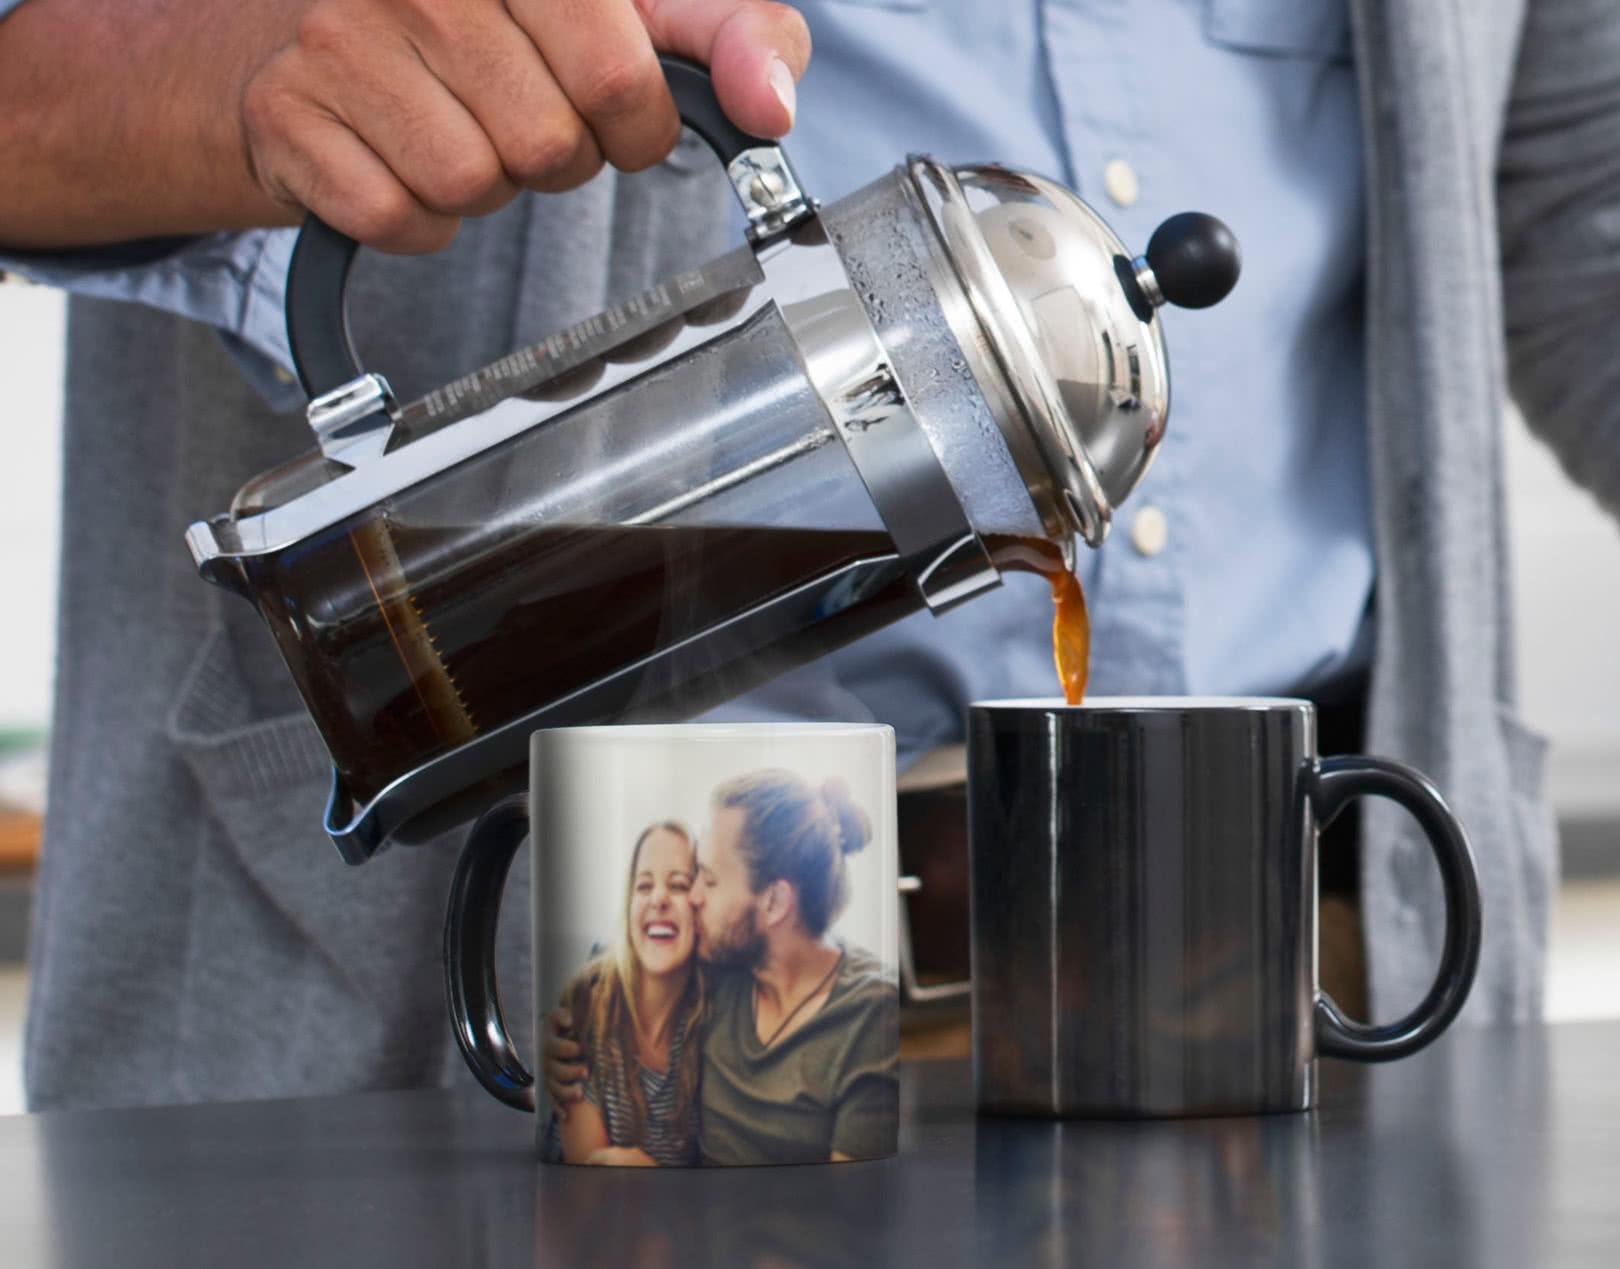 Personalised Photo Mugs Design Your Own Mug Photobox